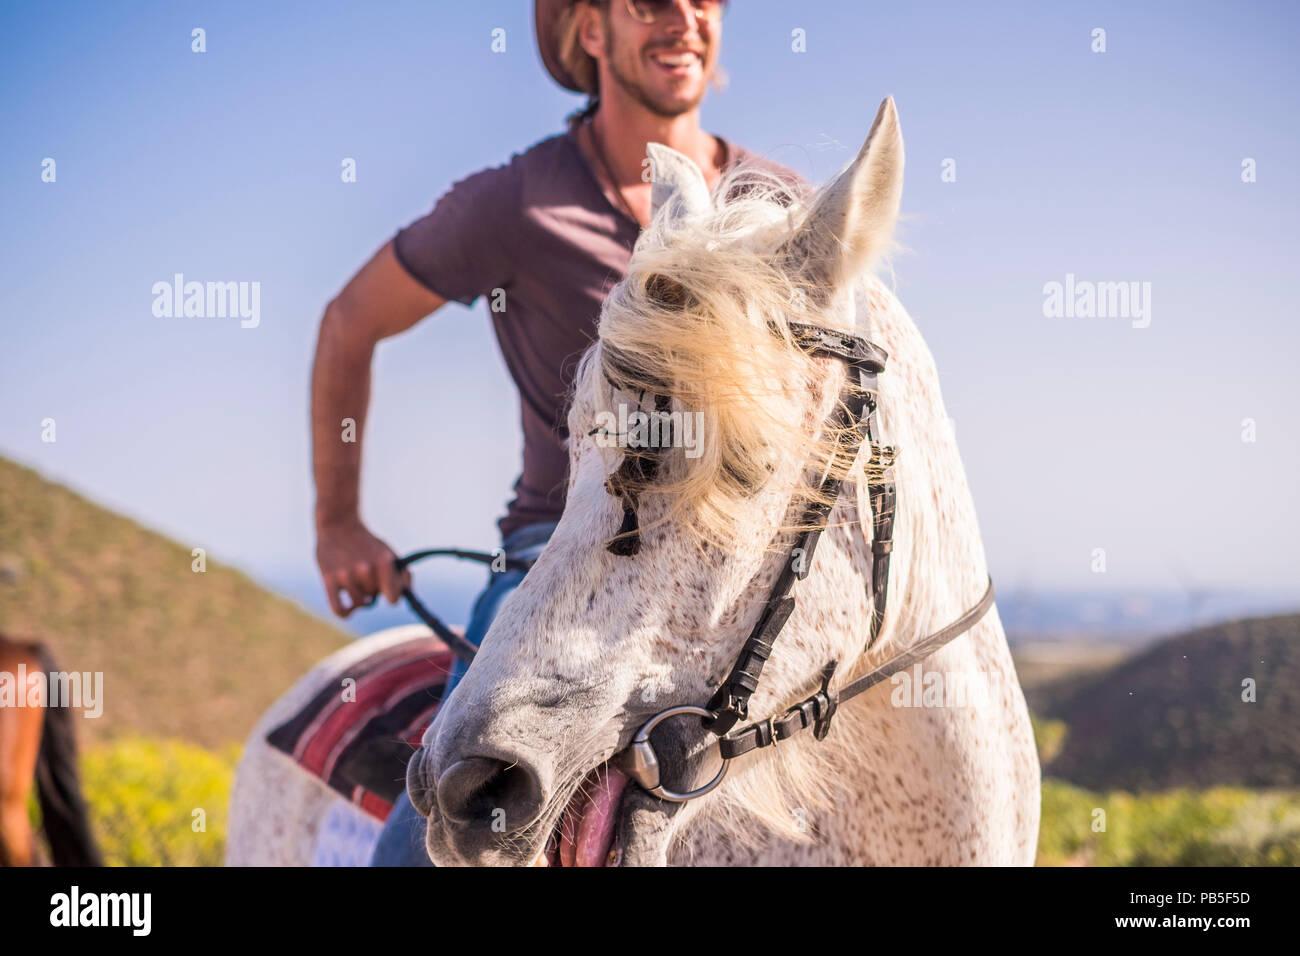 L'homme moderne profitez d'un cow-boy style naturel et un cheval blanc. L'amitié et nature plein air pour de belles personnes vivant une différen Photo Stock